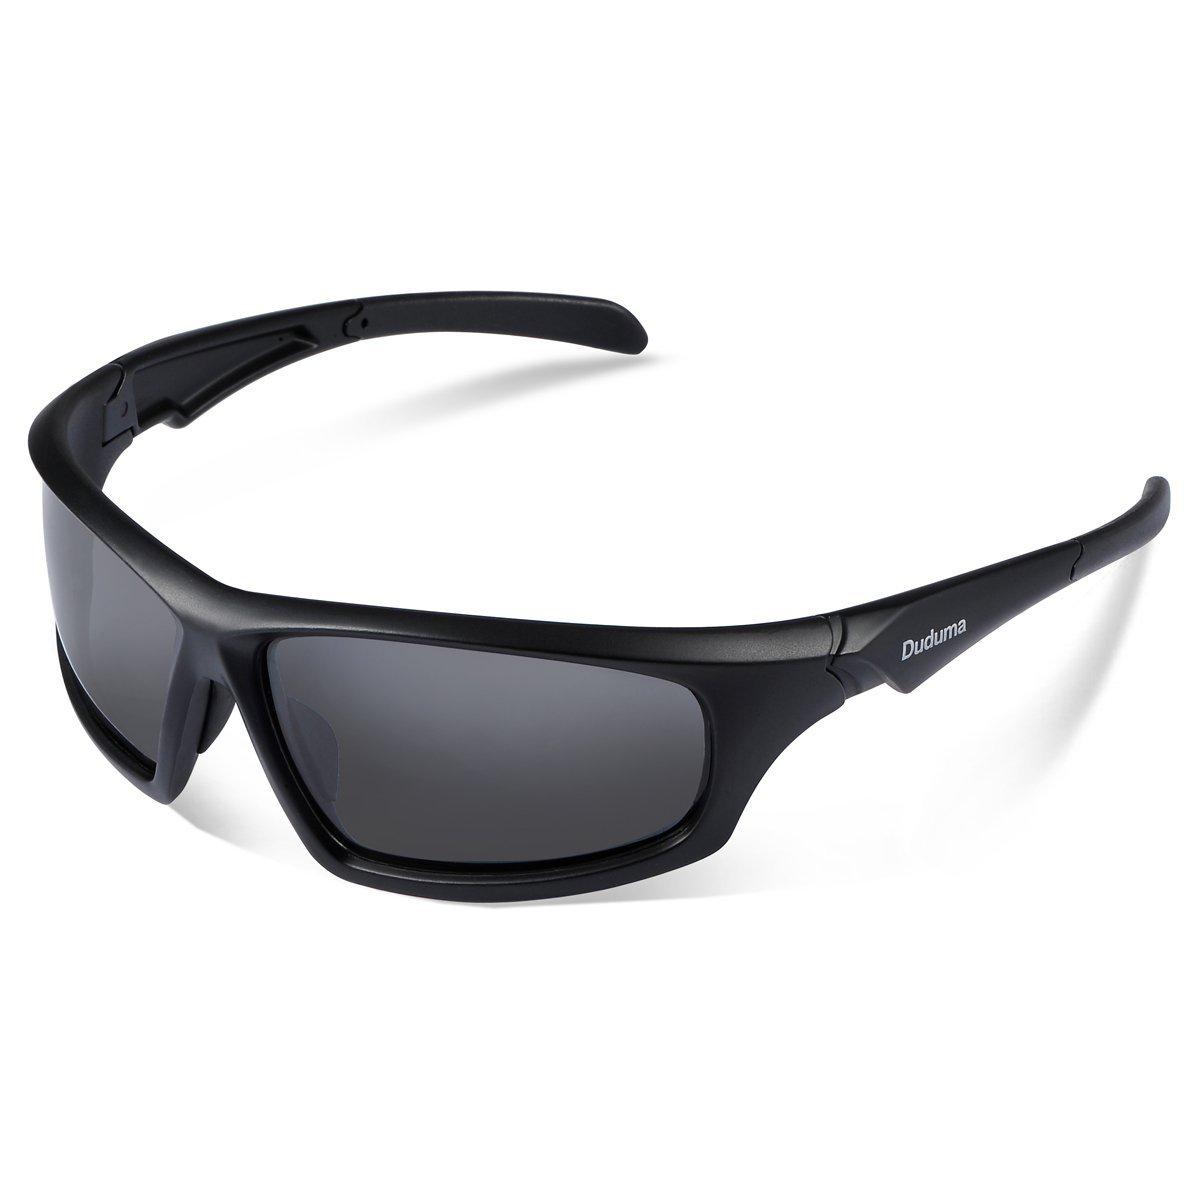 Duduma Polarized Sports Sunglasses - Amazon $9.99